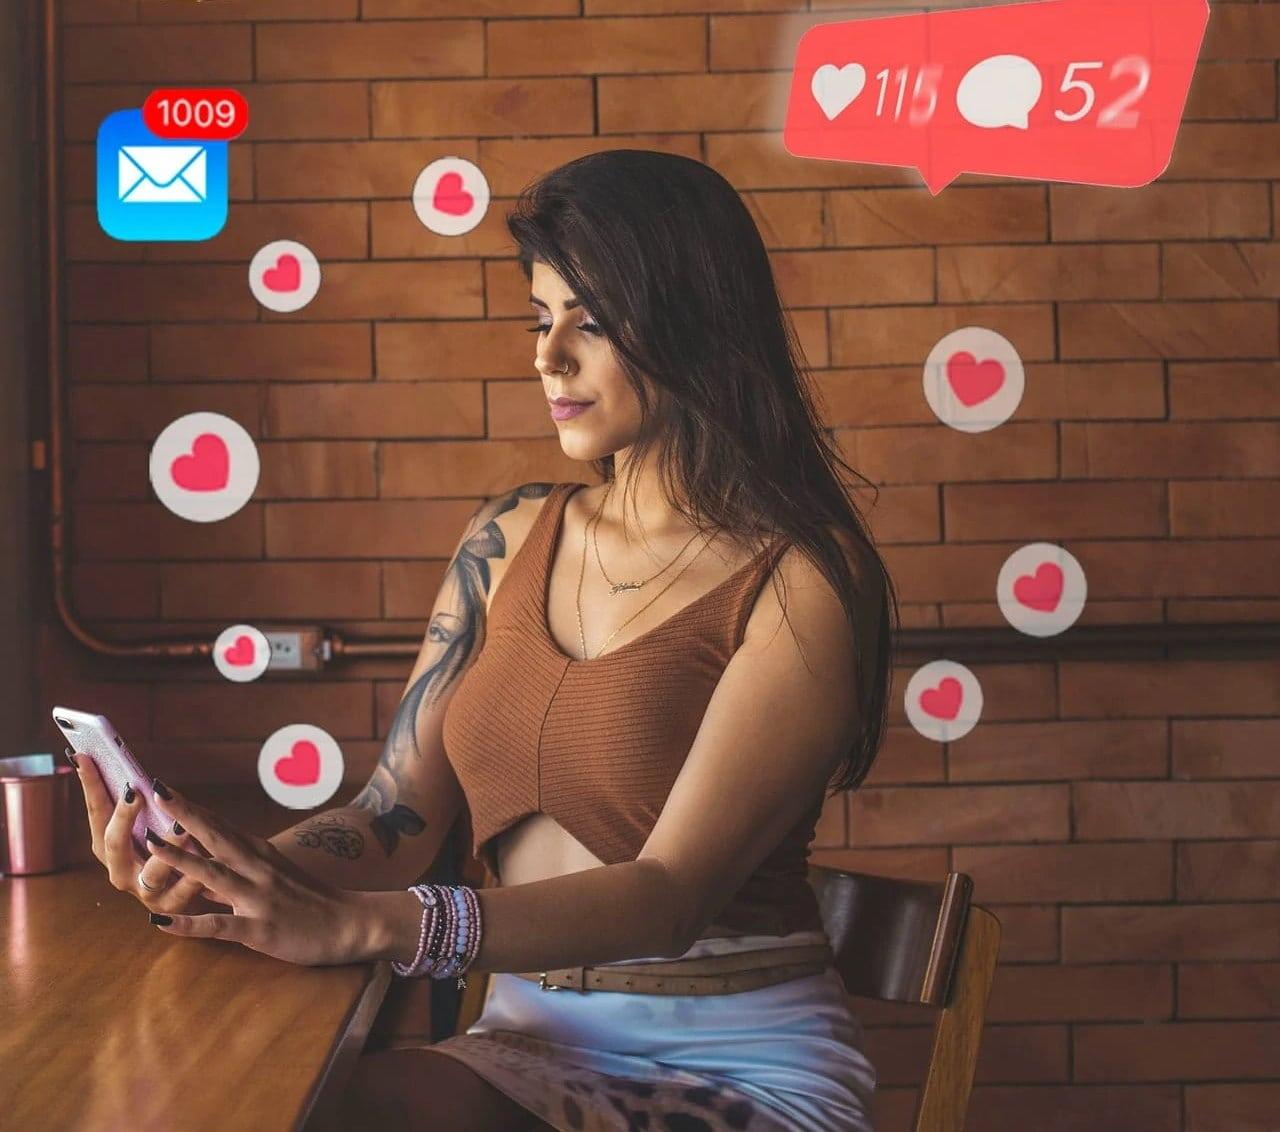 Отношения в соцсетях